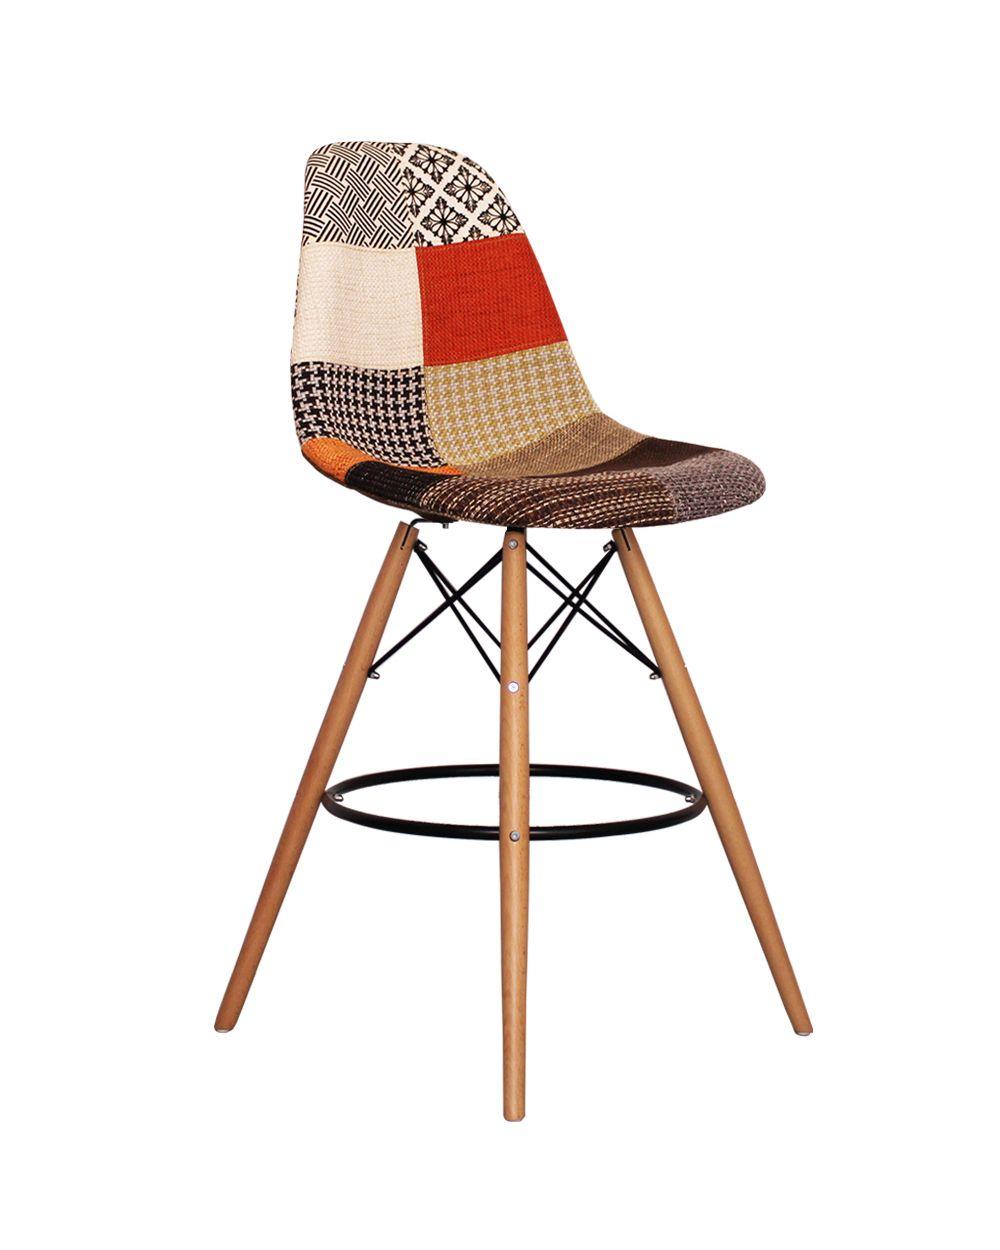 Assez Tabouret DSW patchwork | Deco | Pinterest | Eames, Charles eames  FC92